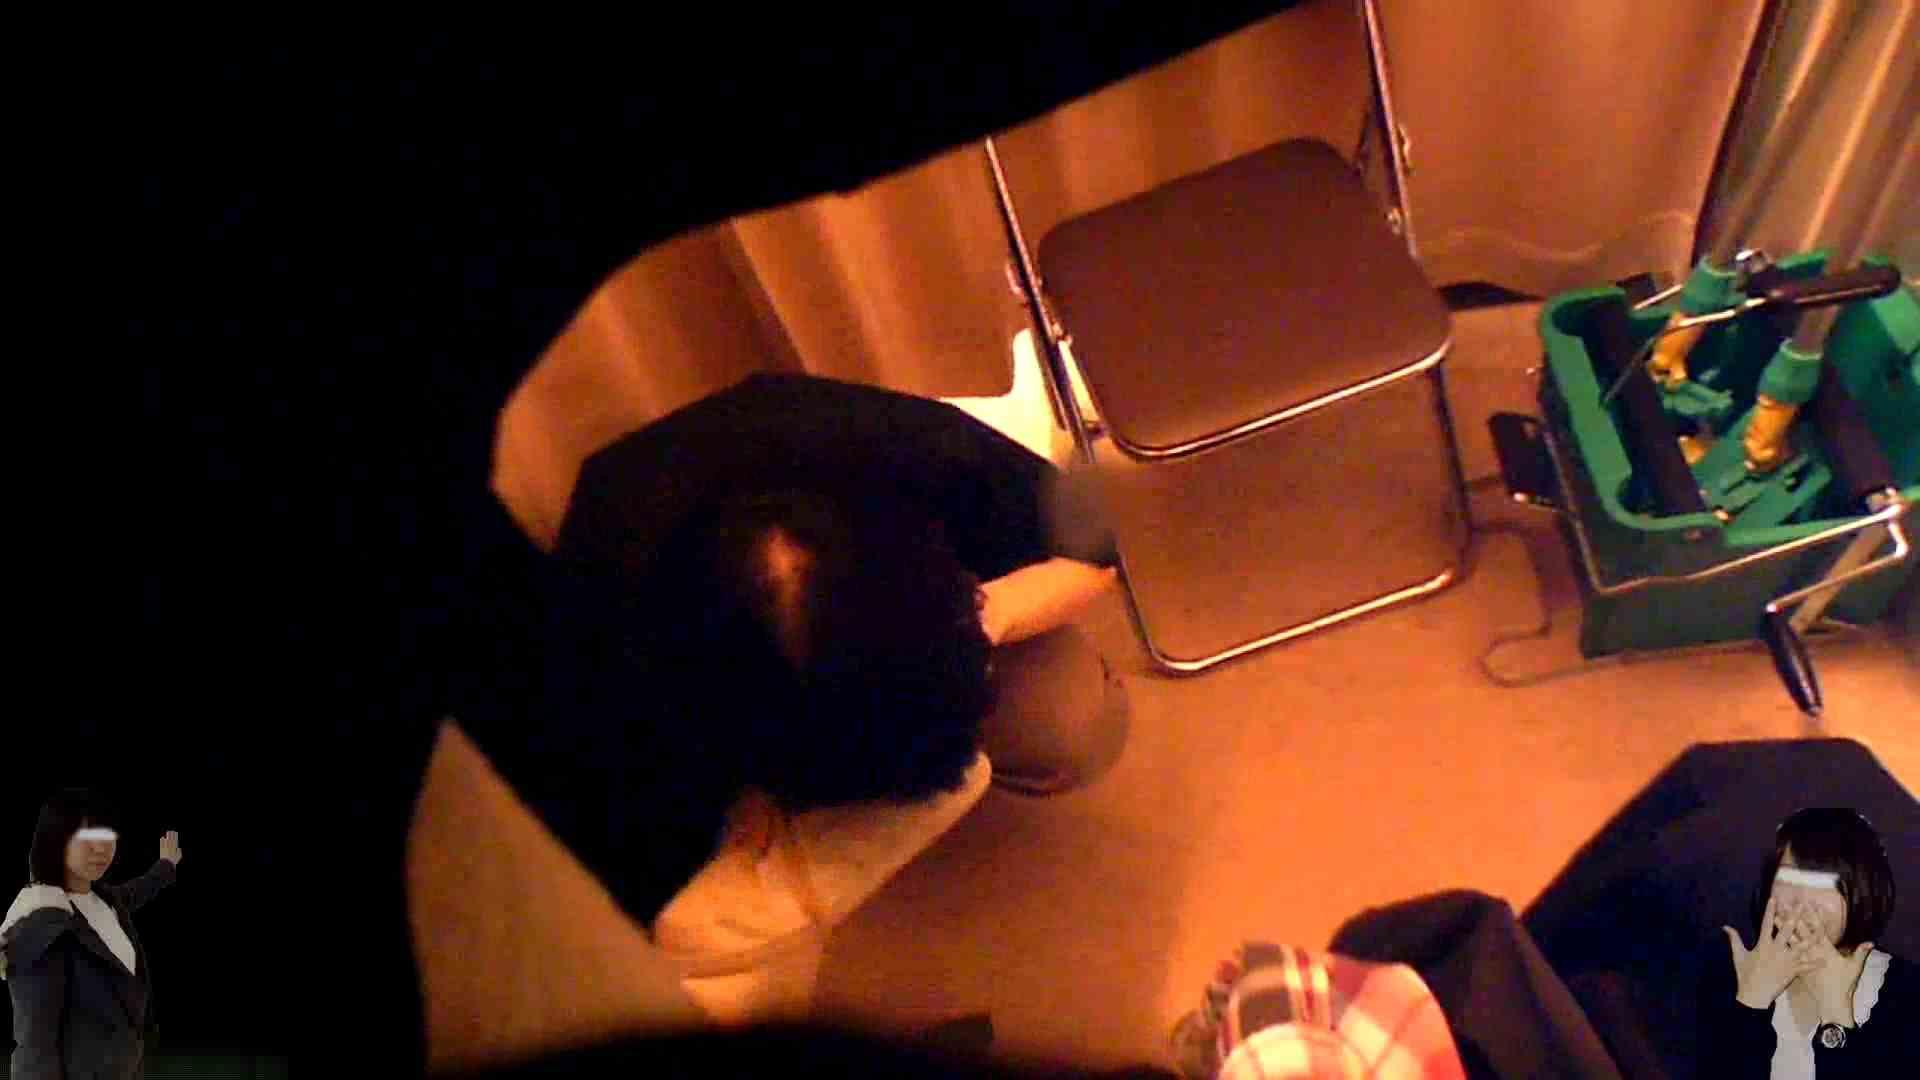 素人投稿 現役「JD」Eちゃんの着替え Vol.04 素人丸裸 おまんこ無修正動画無料 107pic 26